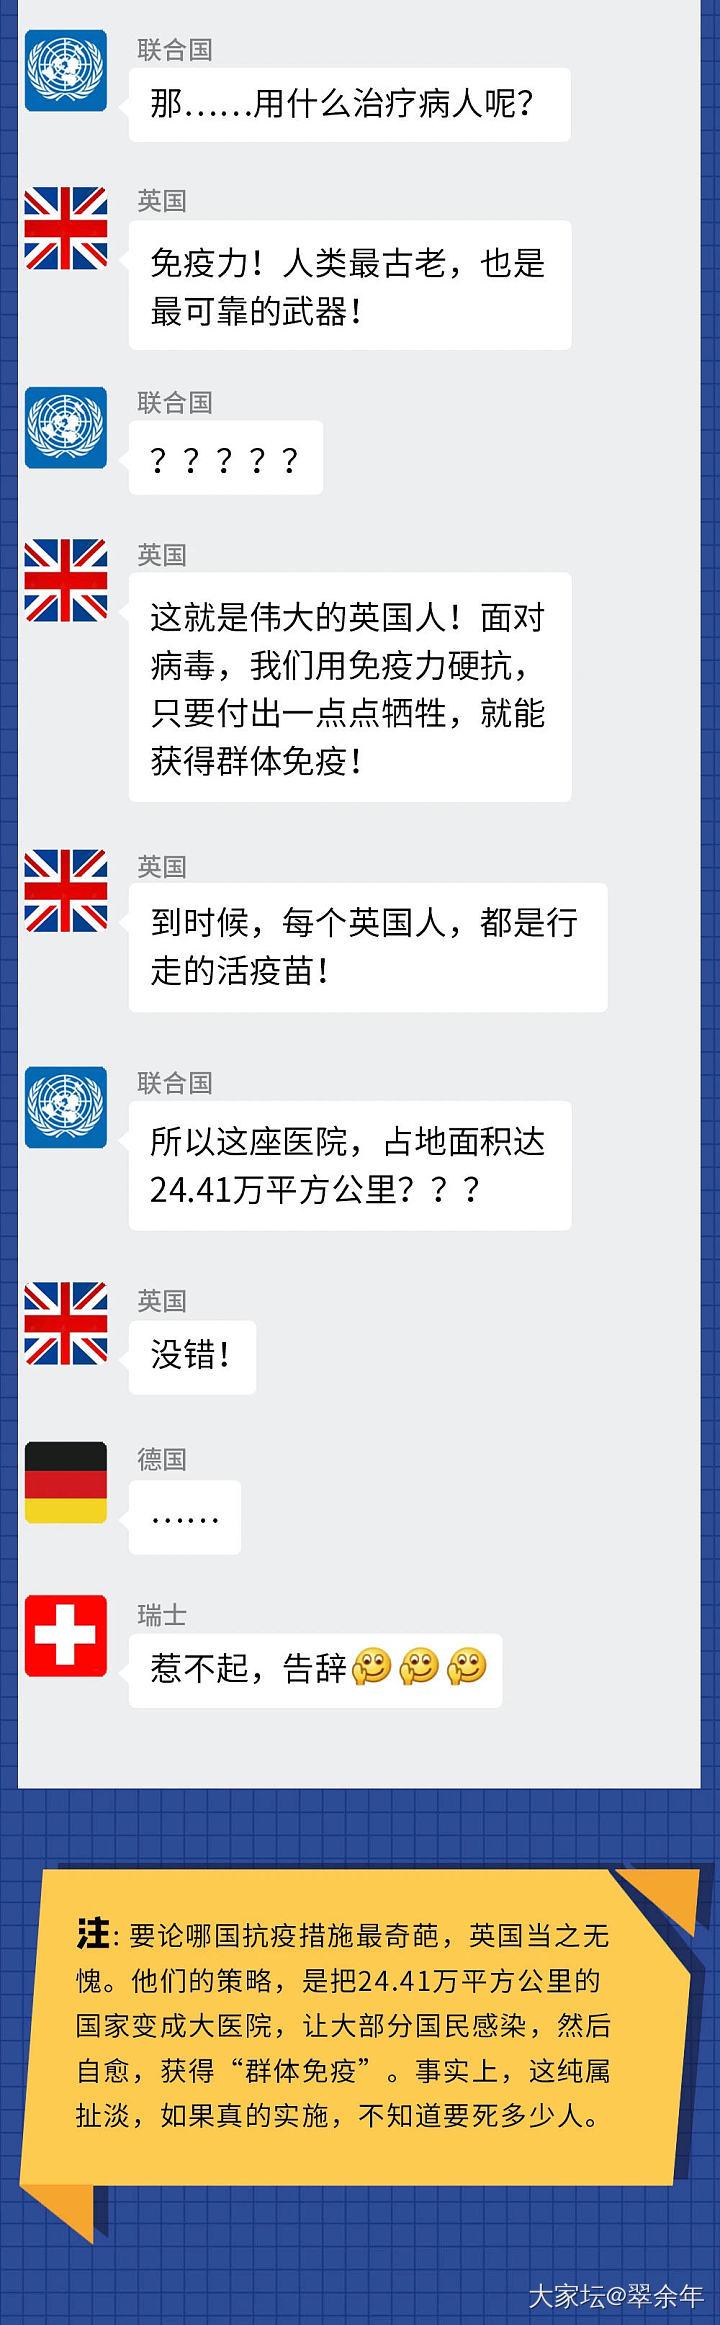 疫情下的世界各国在一个群里,会聊什么?_贴图